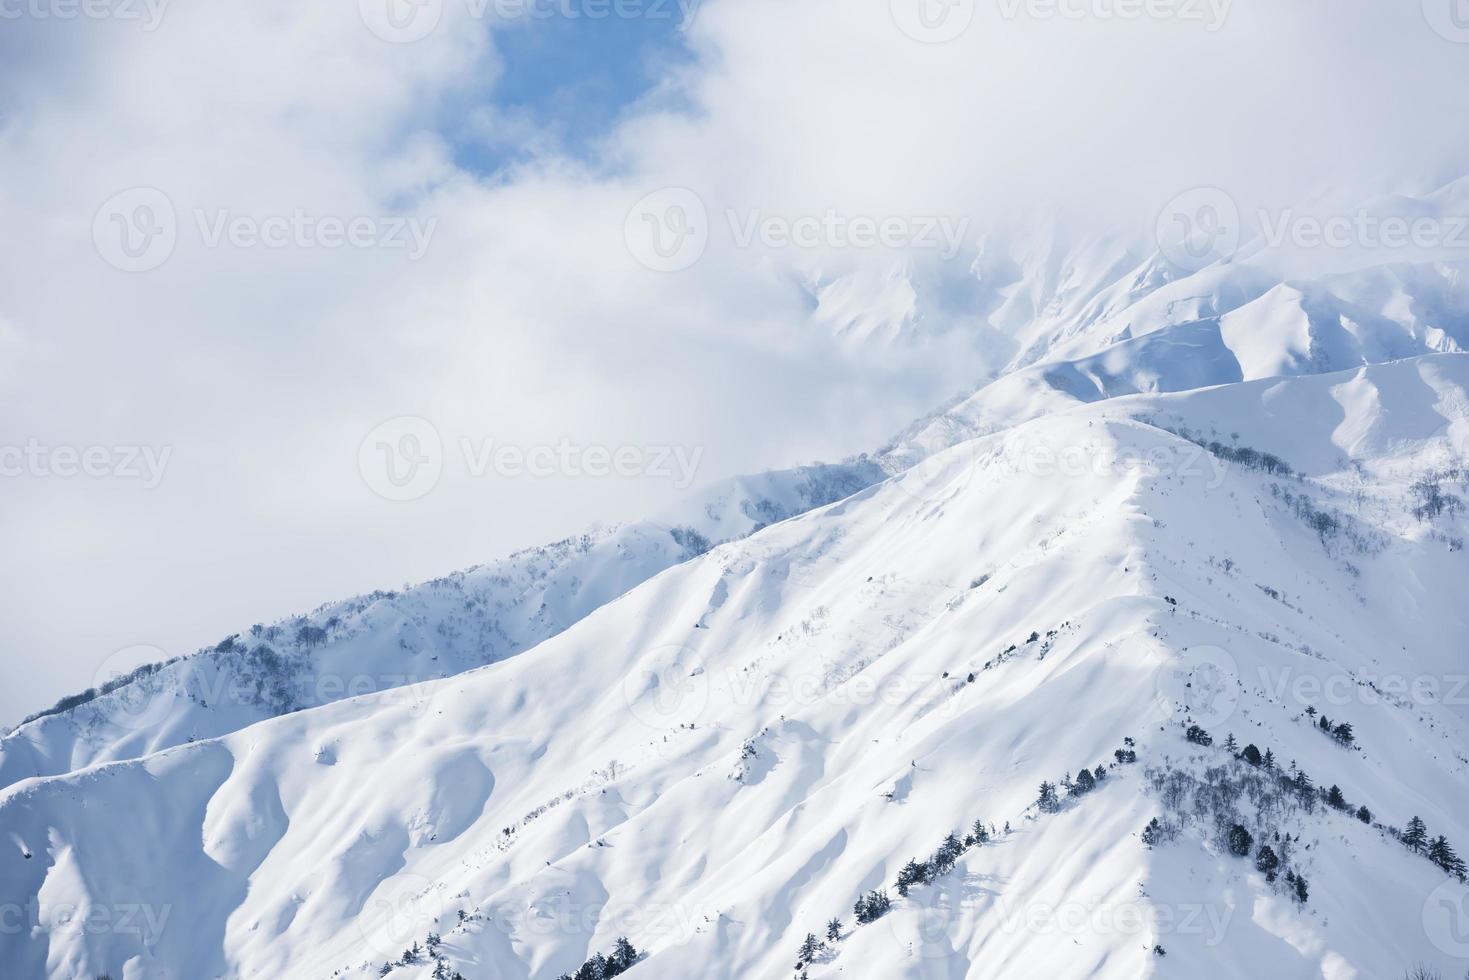 Winterberge mit Schnee. foto